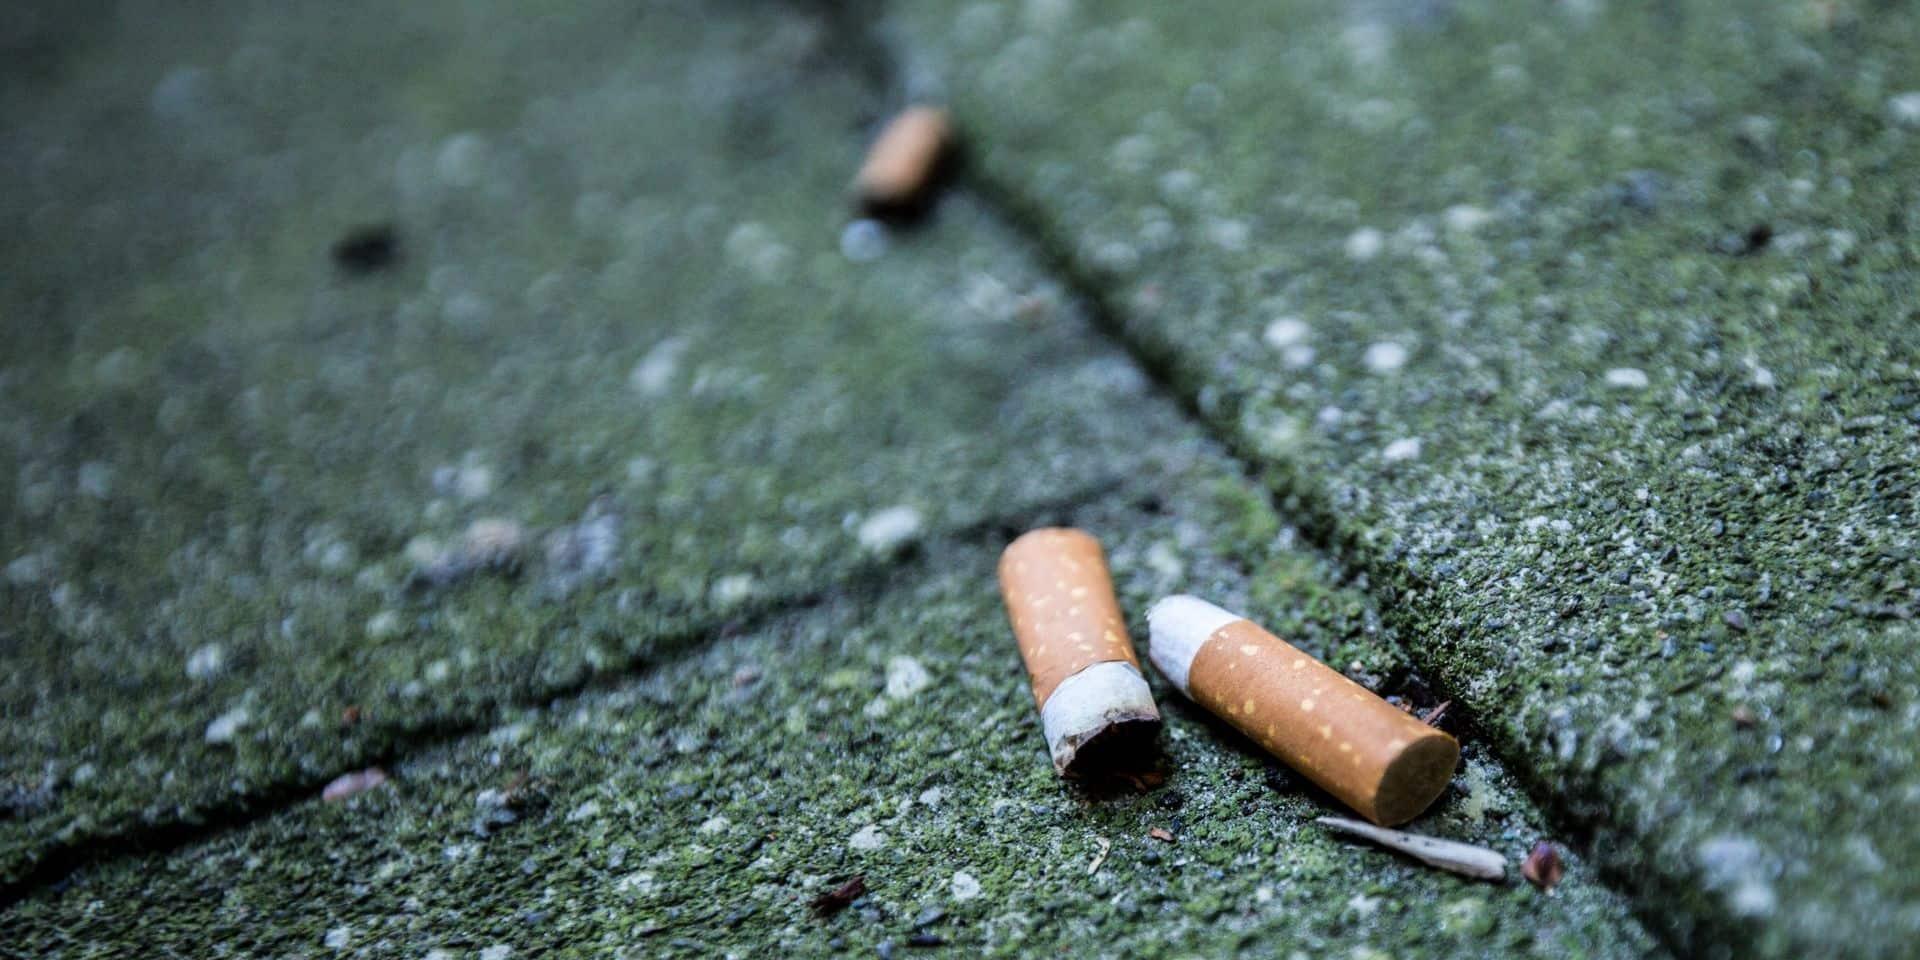 Estaimpuis dit stop au tabagisme et aux mégots dans les caniveaux !